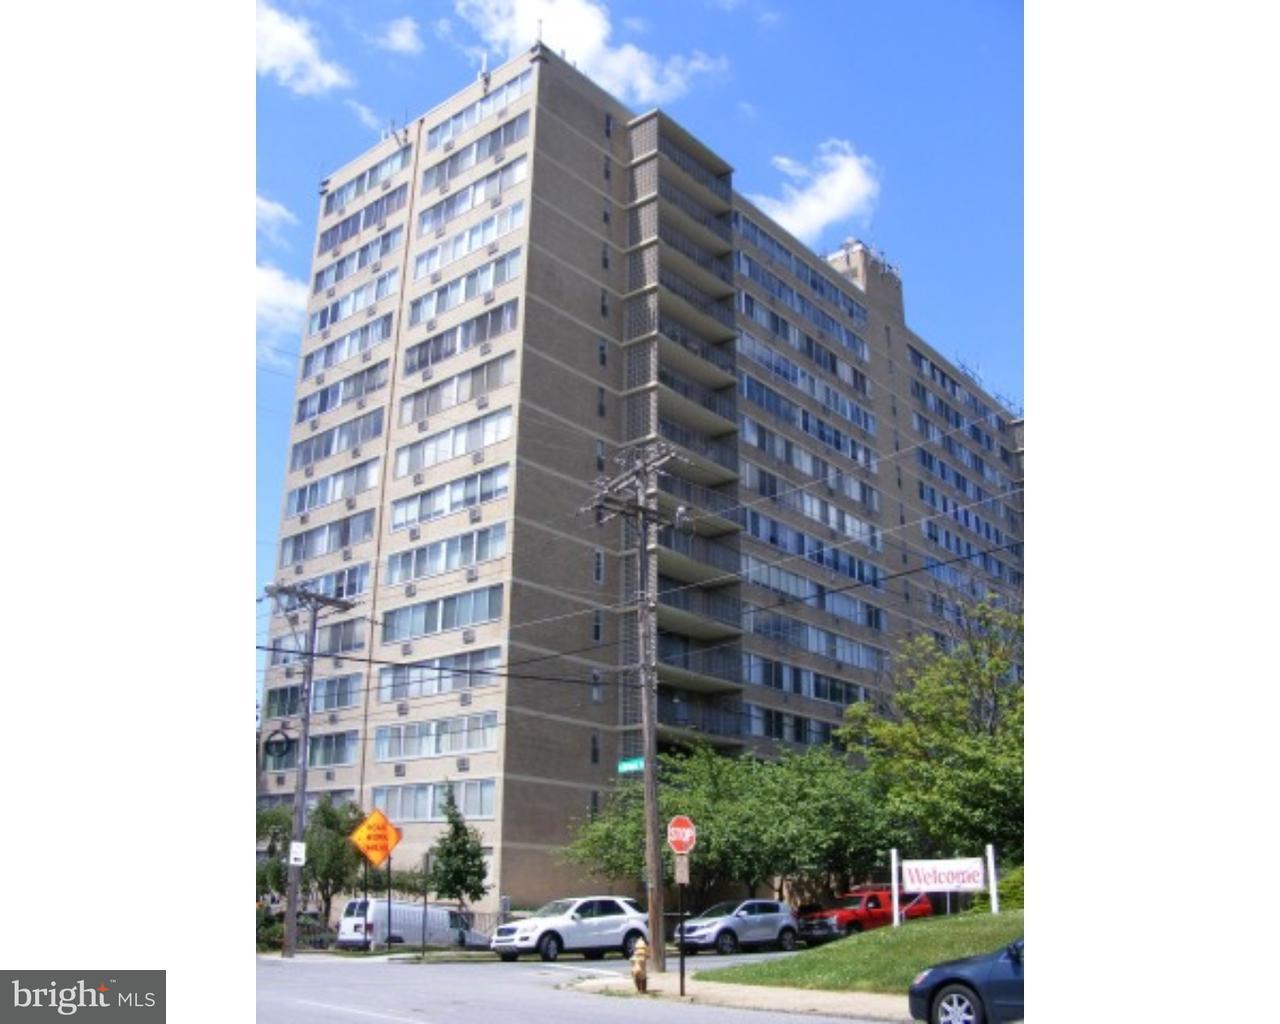 Частный односемейный дом для того Аренда на 1401 PENNSYLVANIA AVE #804 Wilmington, Делавэр 19806 Соединенные Штаты